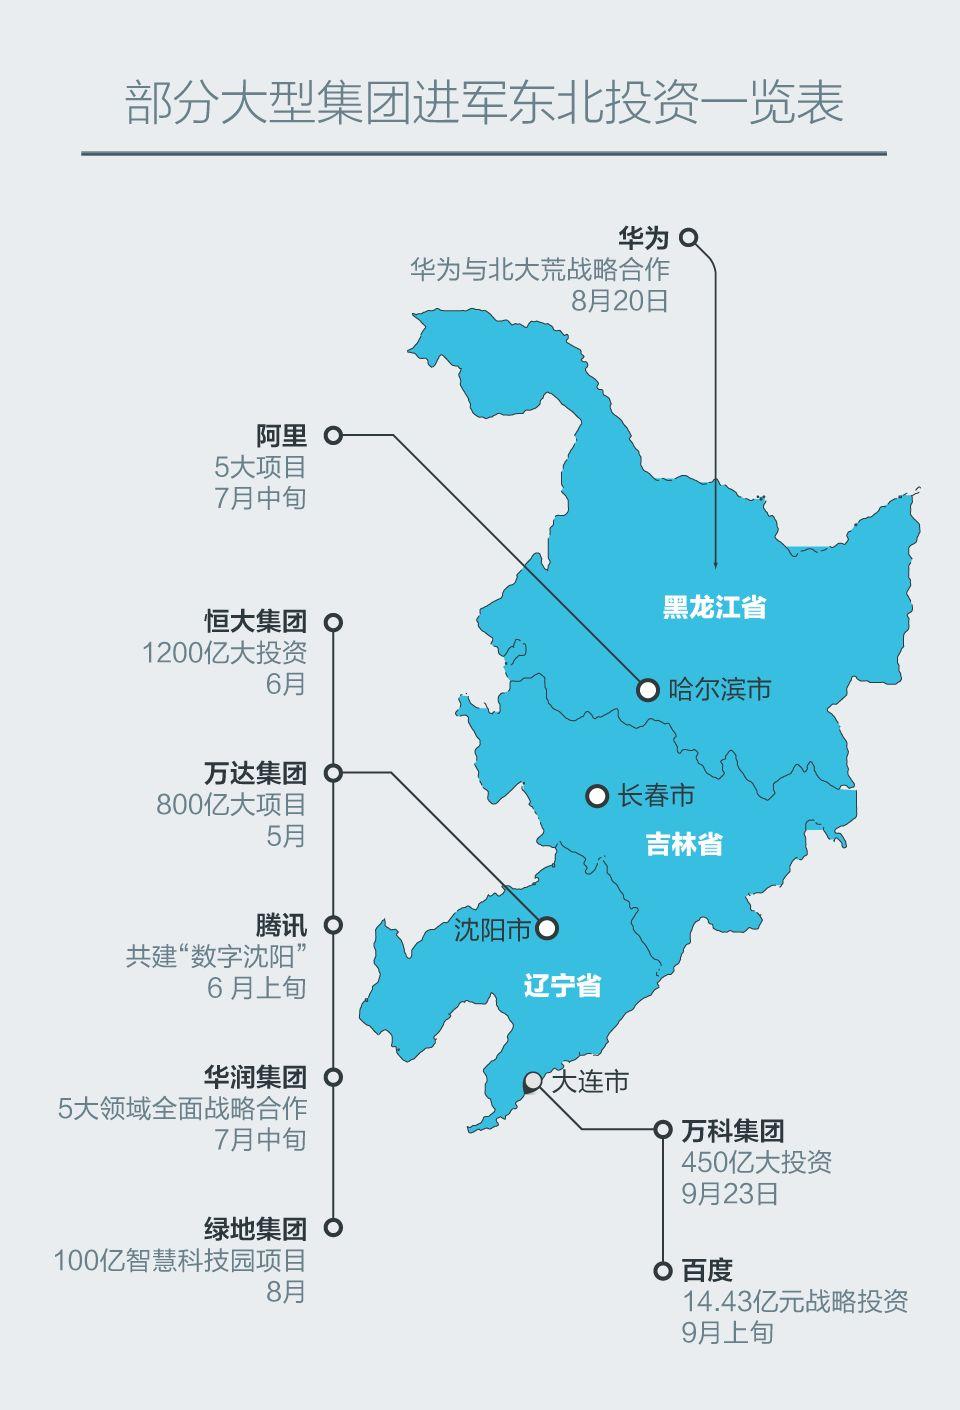 台湾海峡有大陆船只翻覆 13人获救另有11人失联